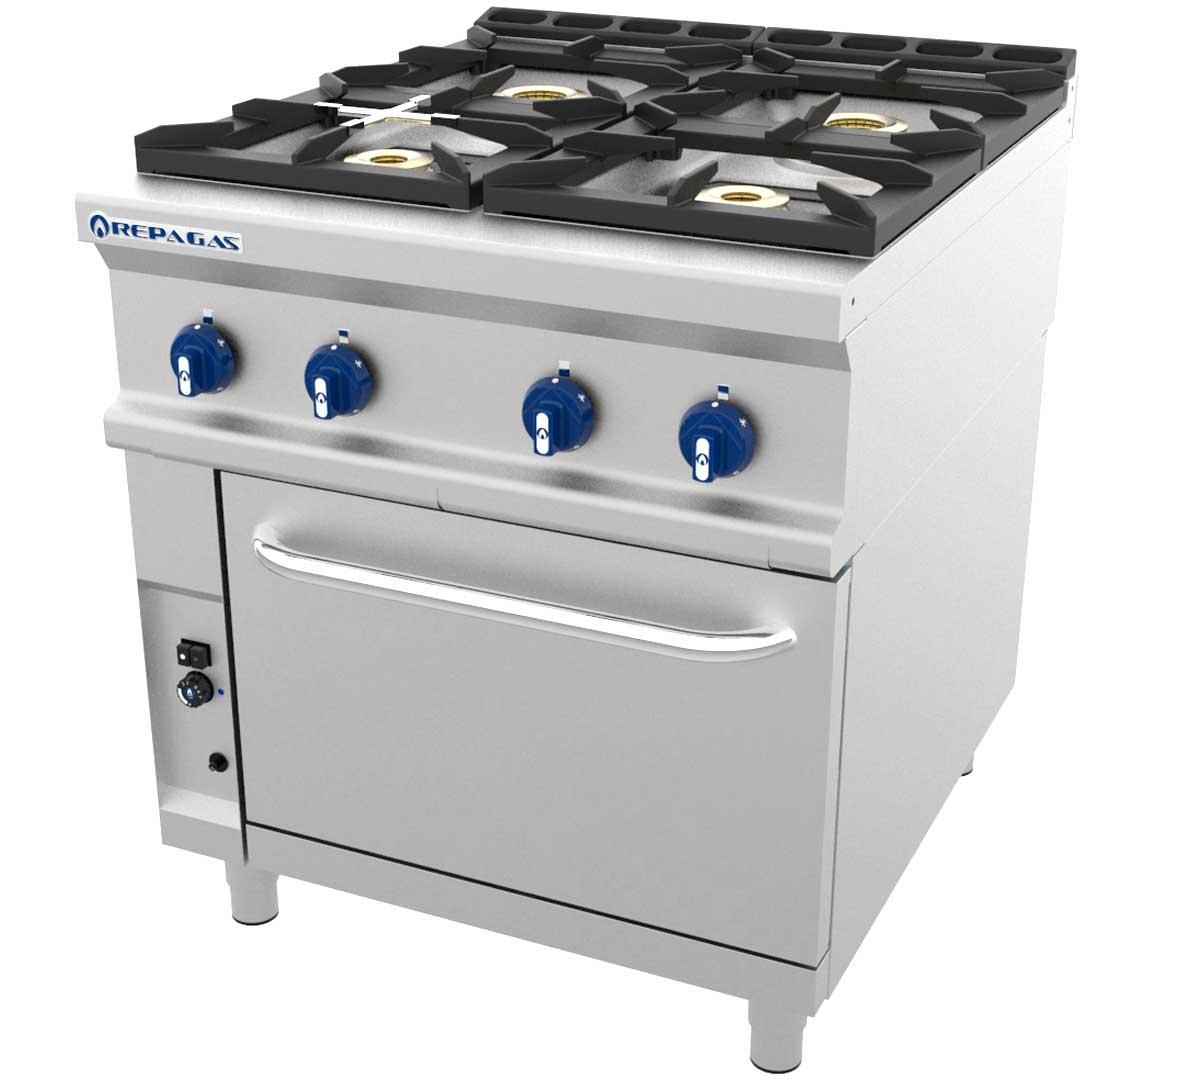 Cocina serie 900 gas horno de repagas for Horno con fogones